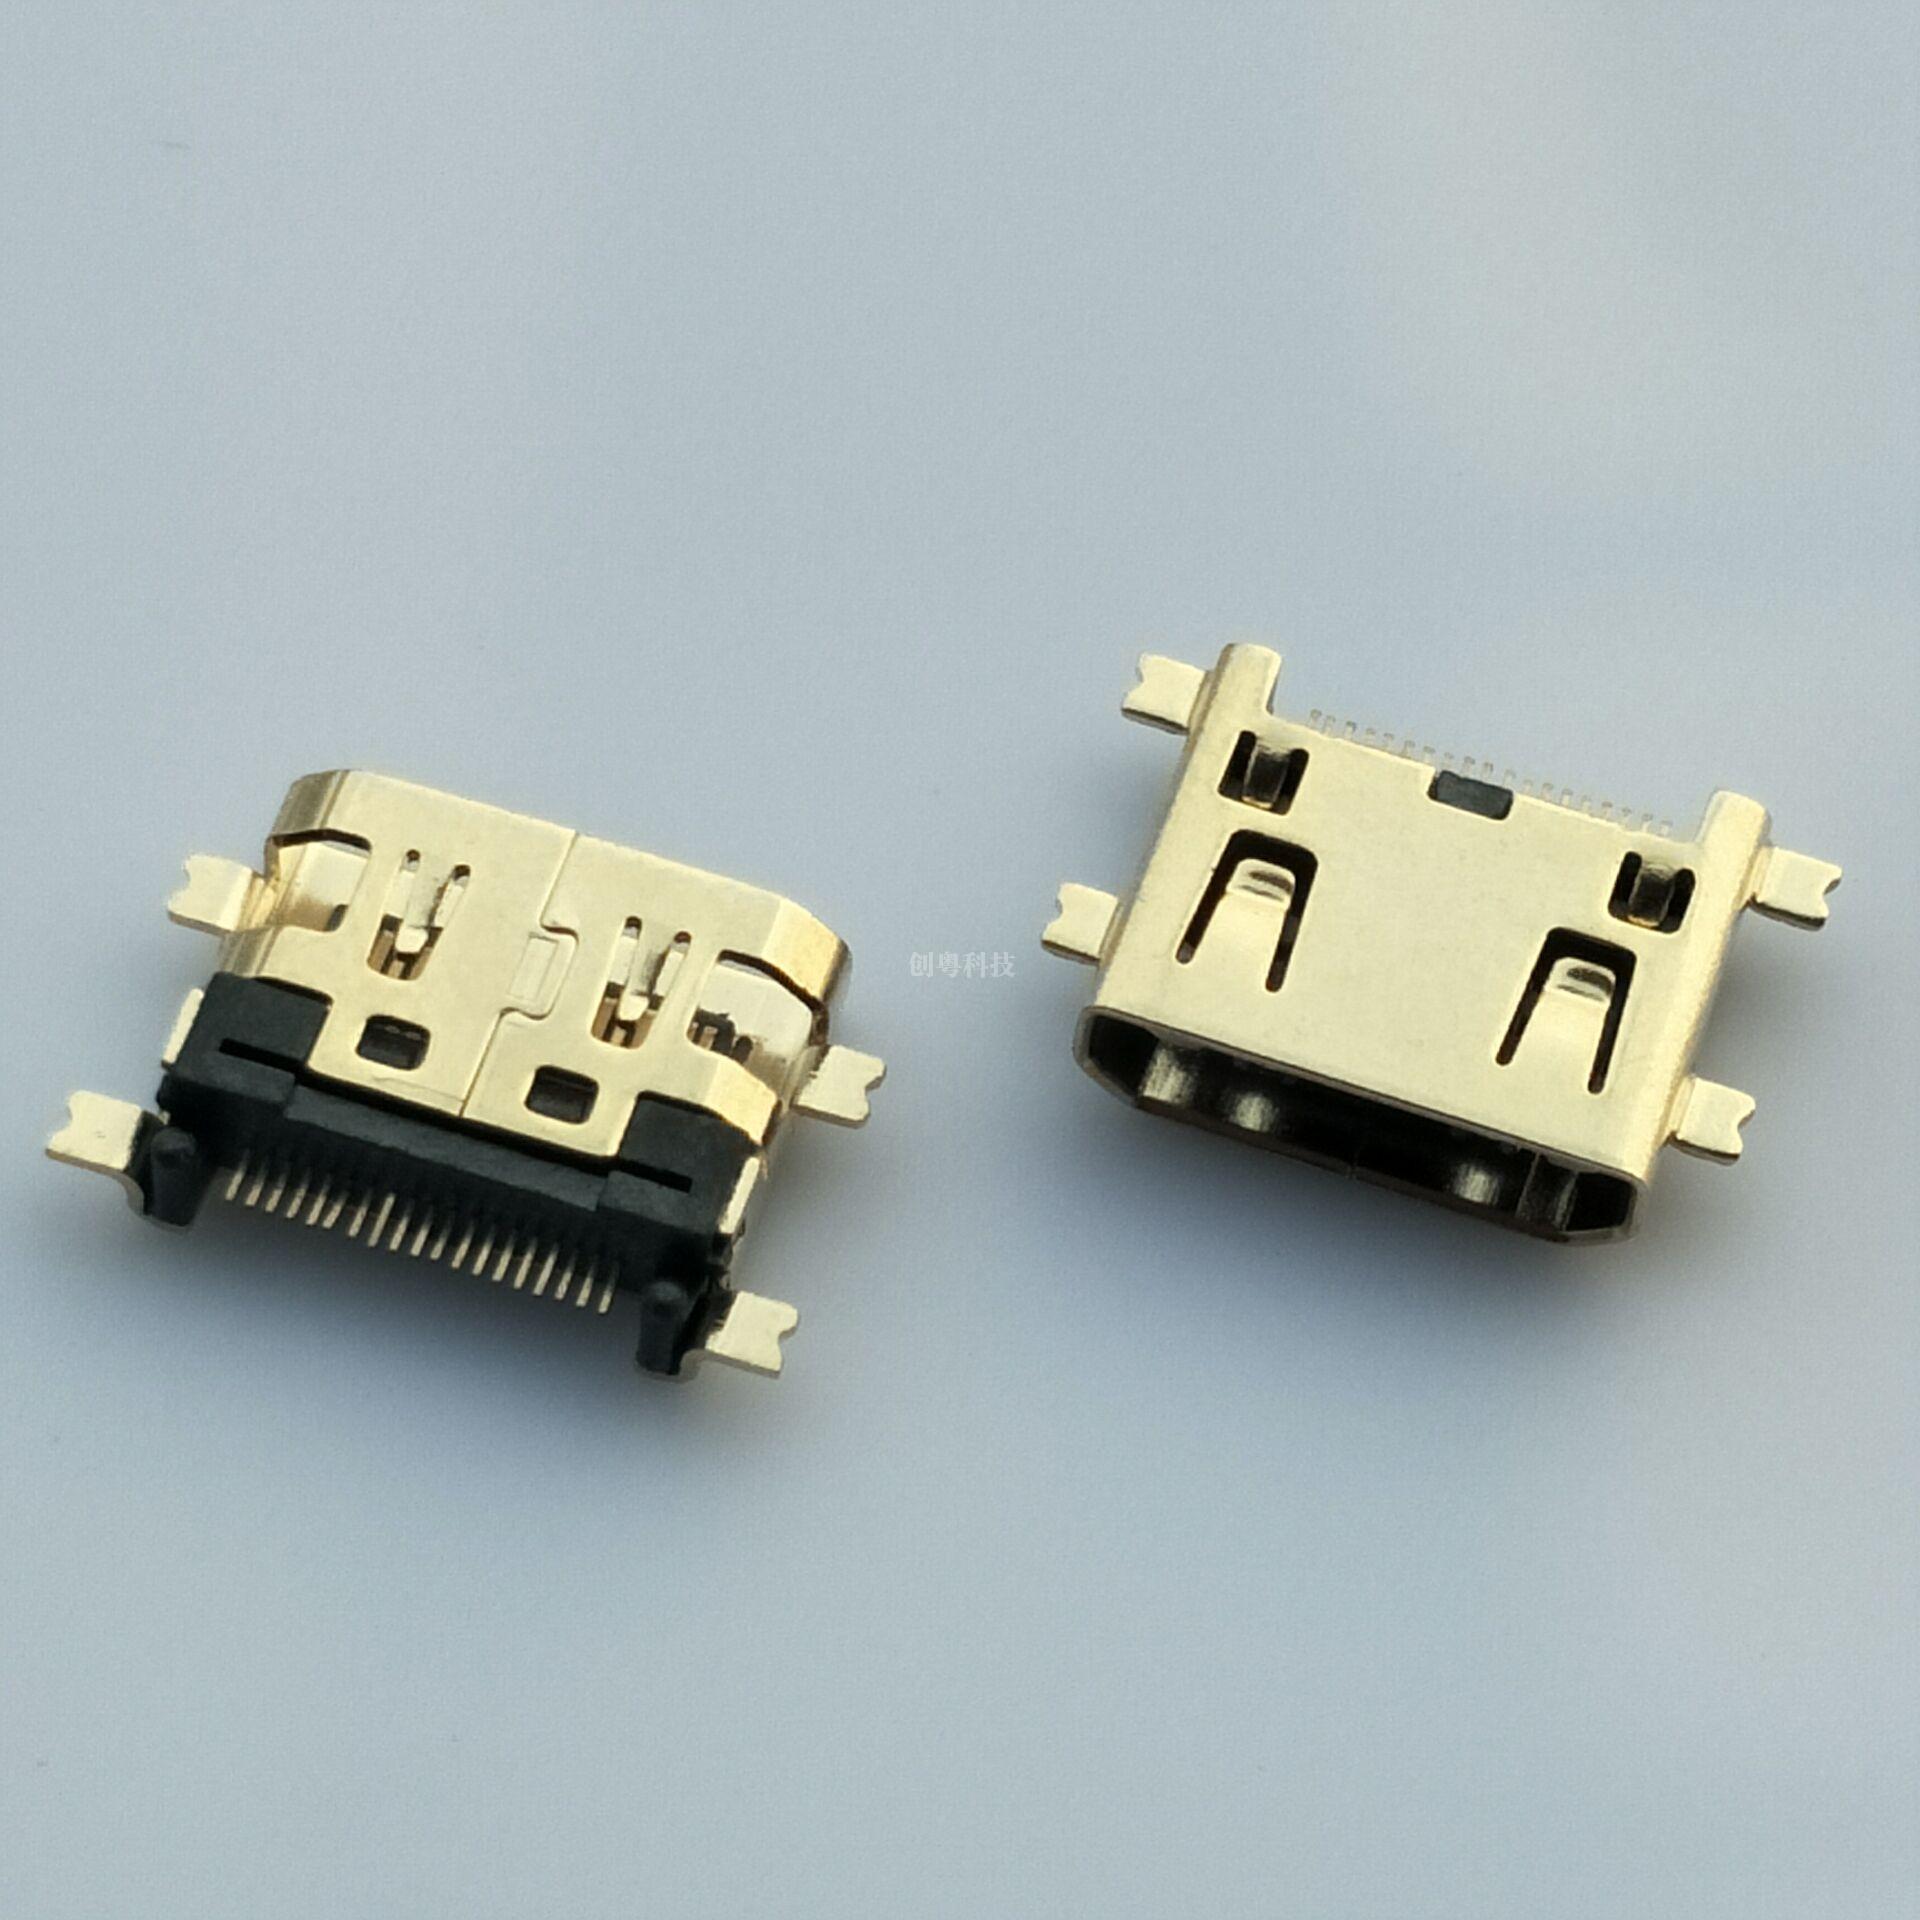 MINI HDMI沉板母座